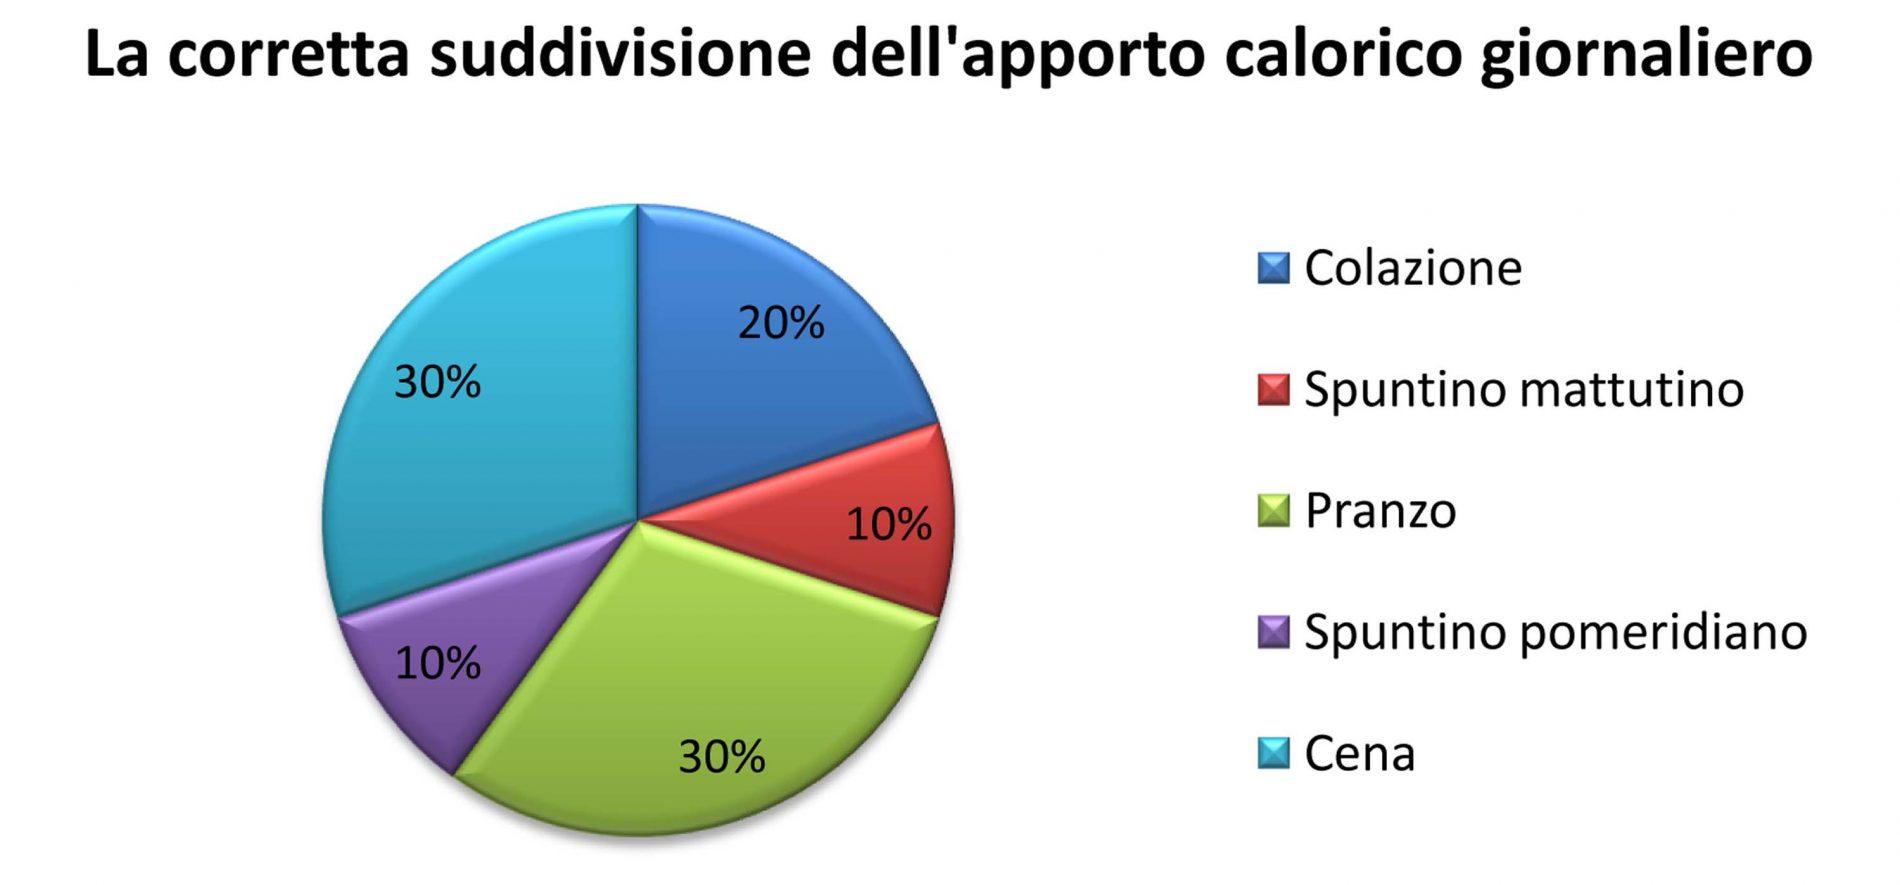 grafico con suddivisione apporto calorico giornaliero